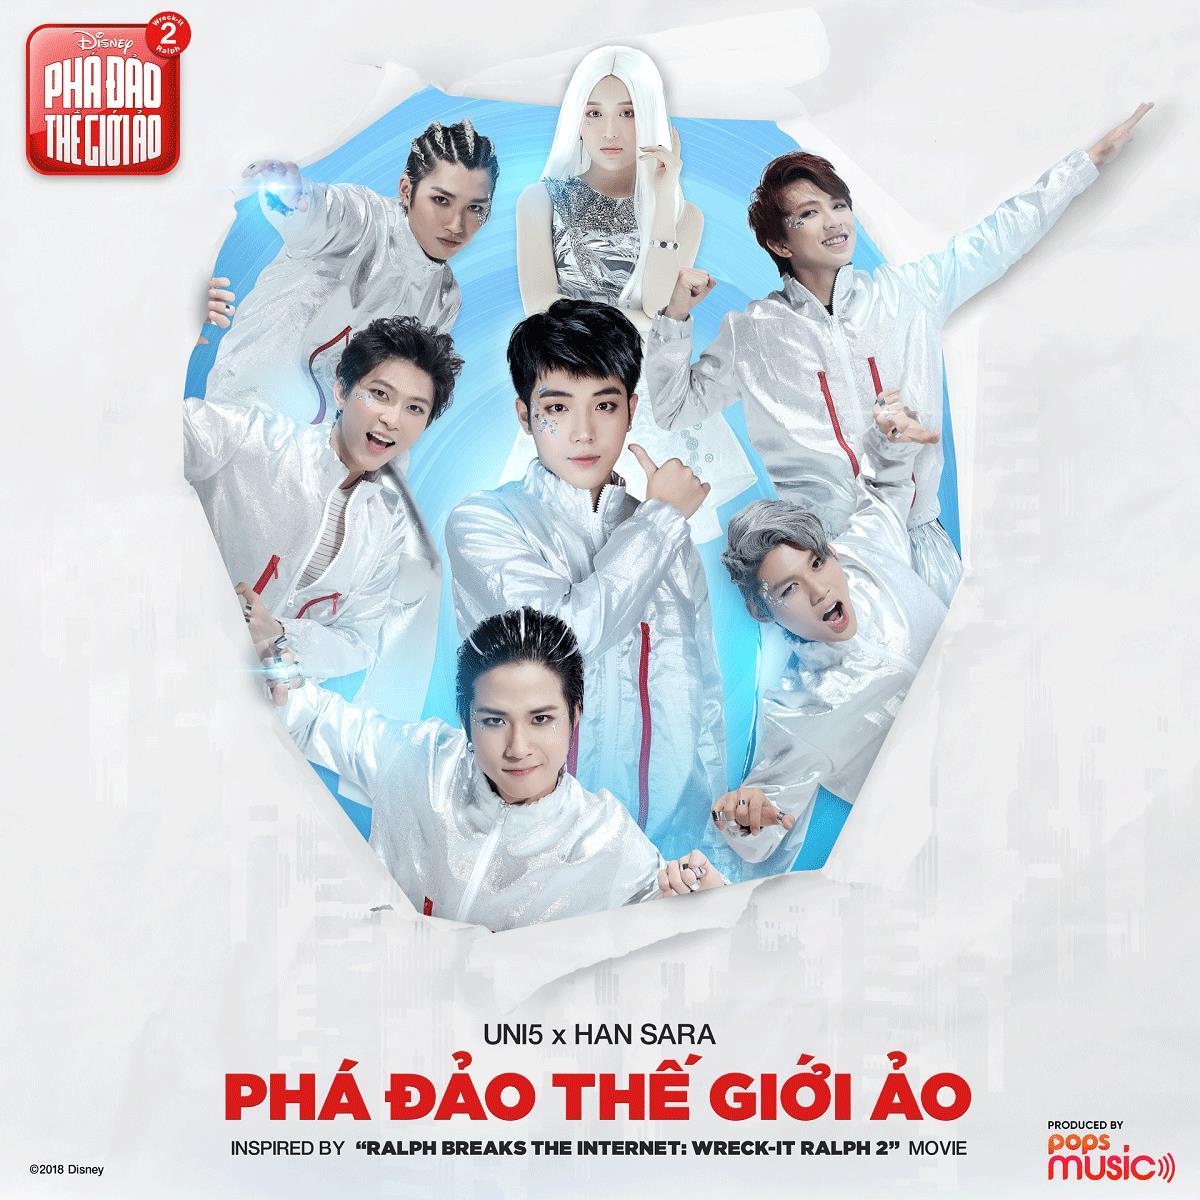 Hơn 6 triệu views, Han Sara và Uni5 khiến fan nức lòng với MV Phá Đảo Thế Giới Ảo - Ảnh 1.